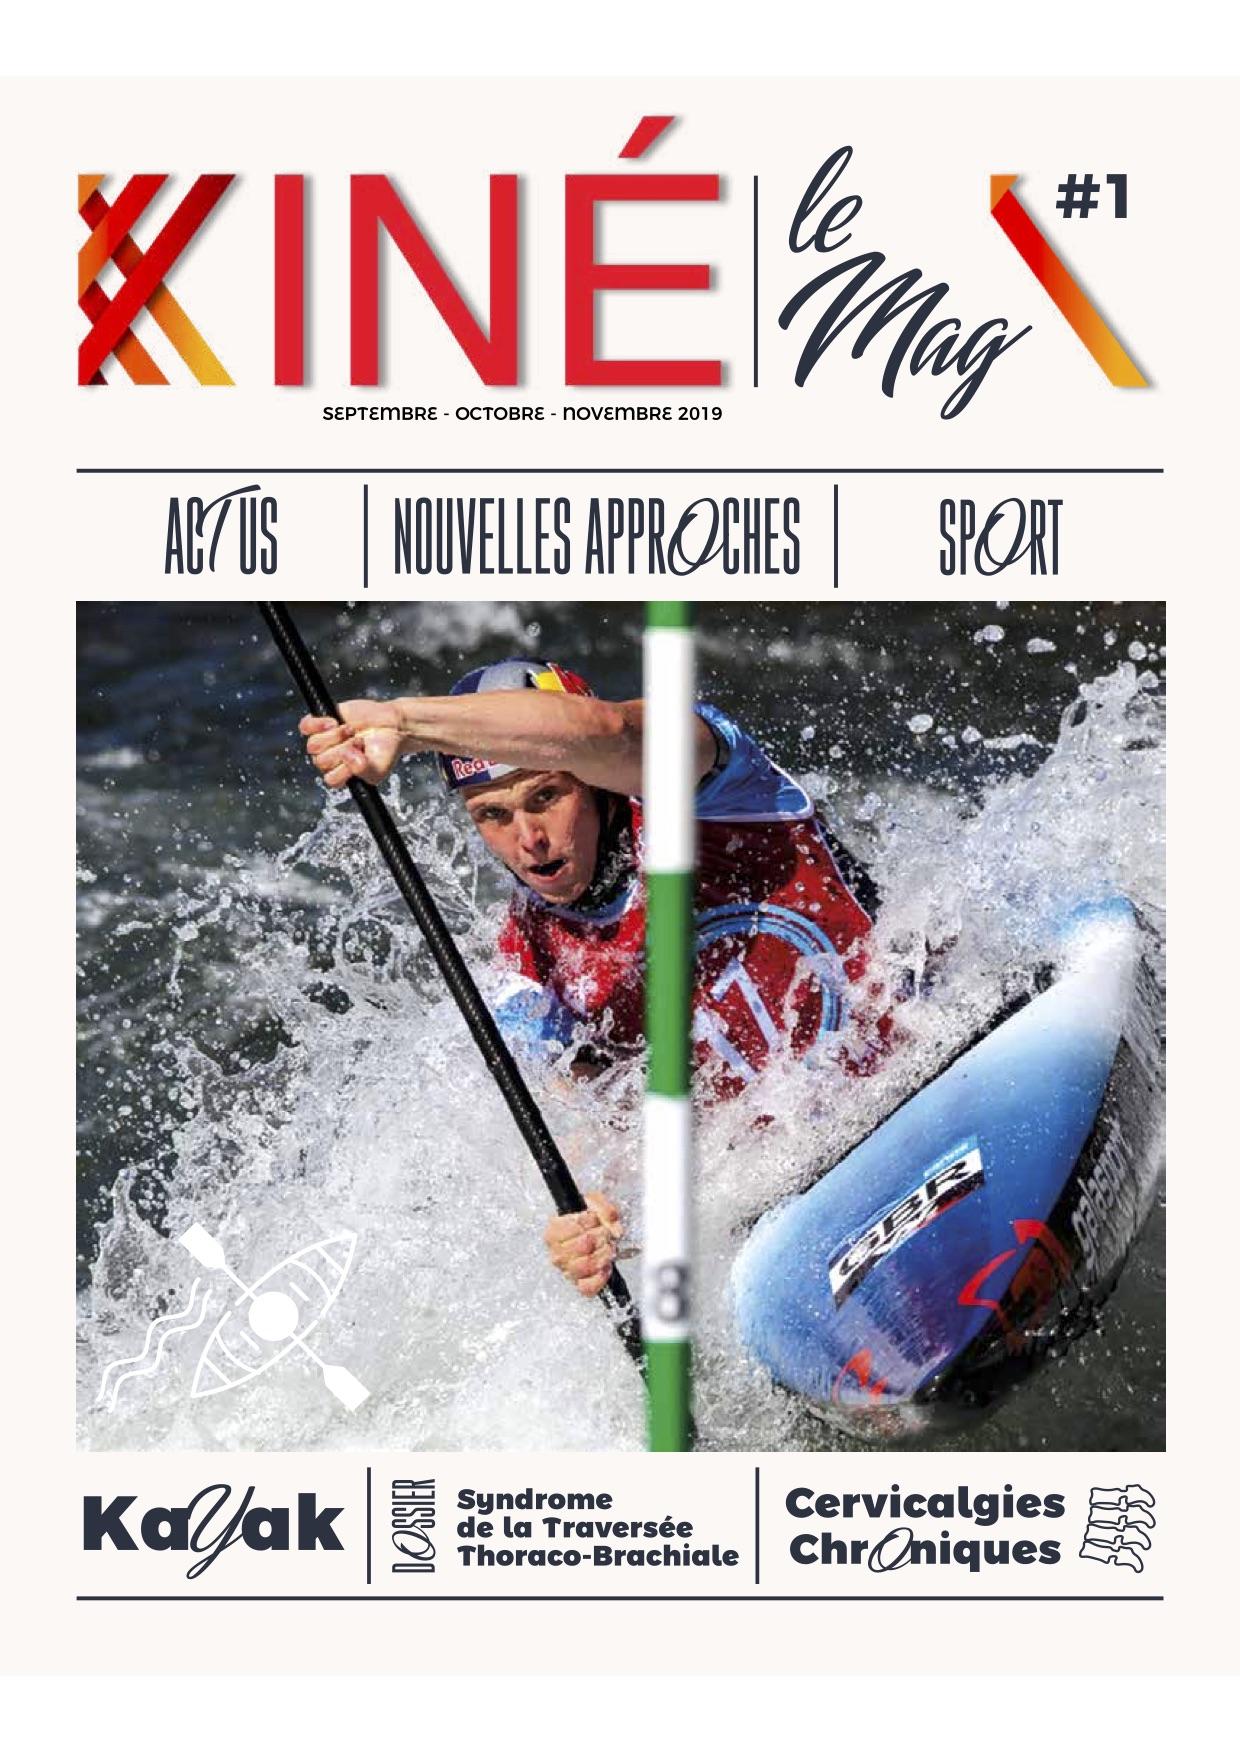 Kiné Le Mag #1